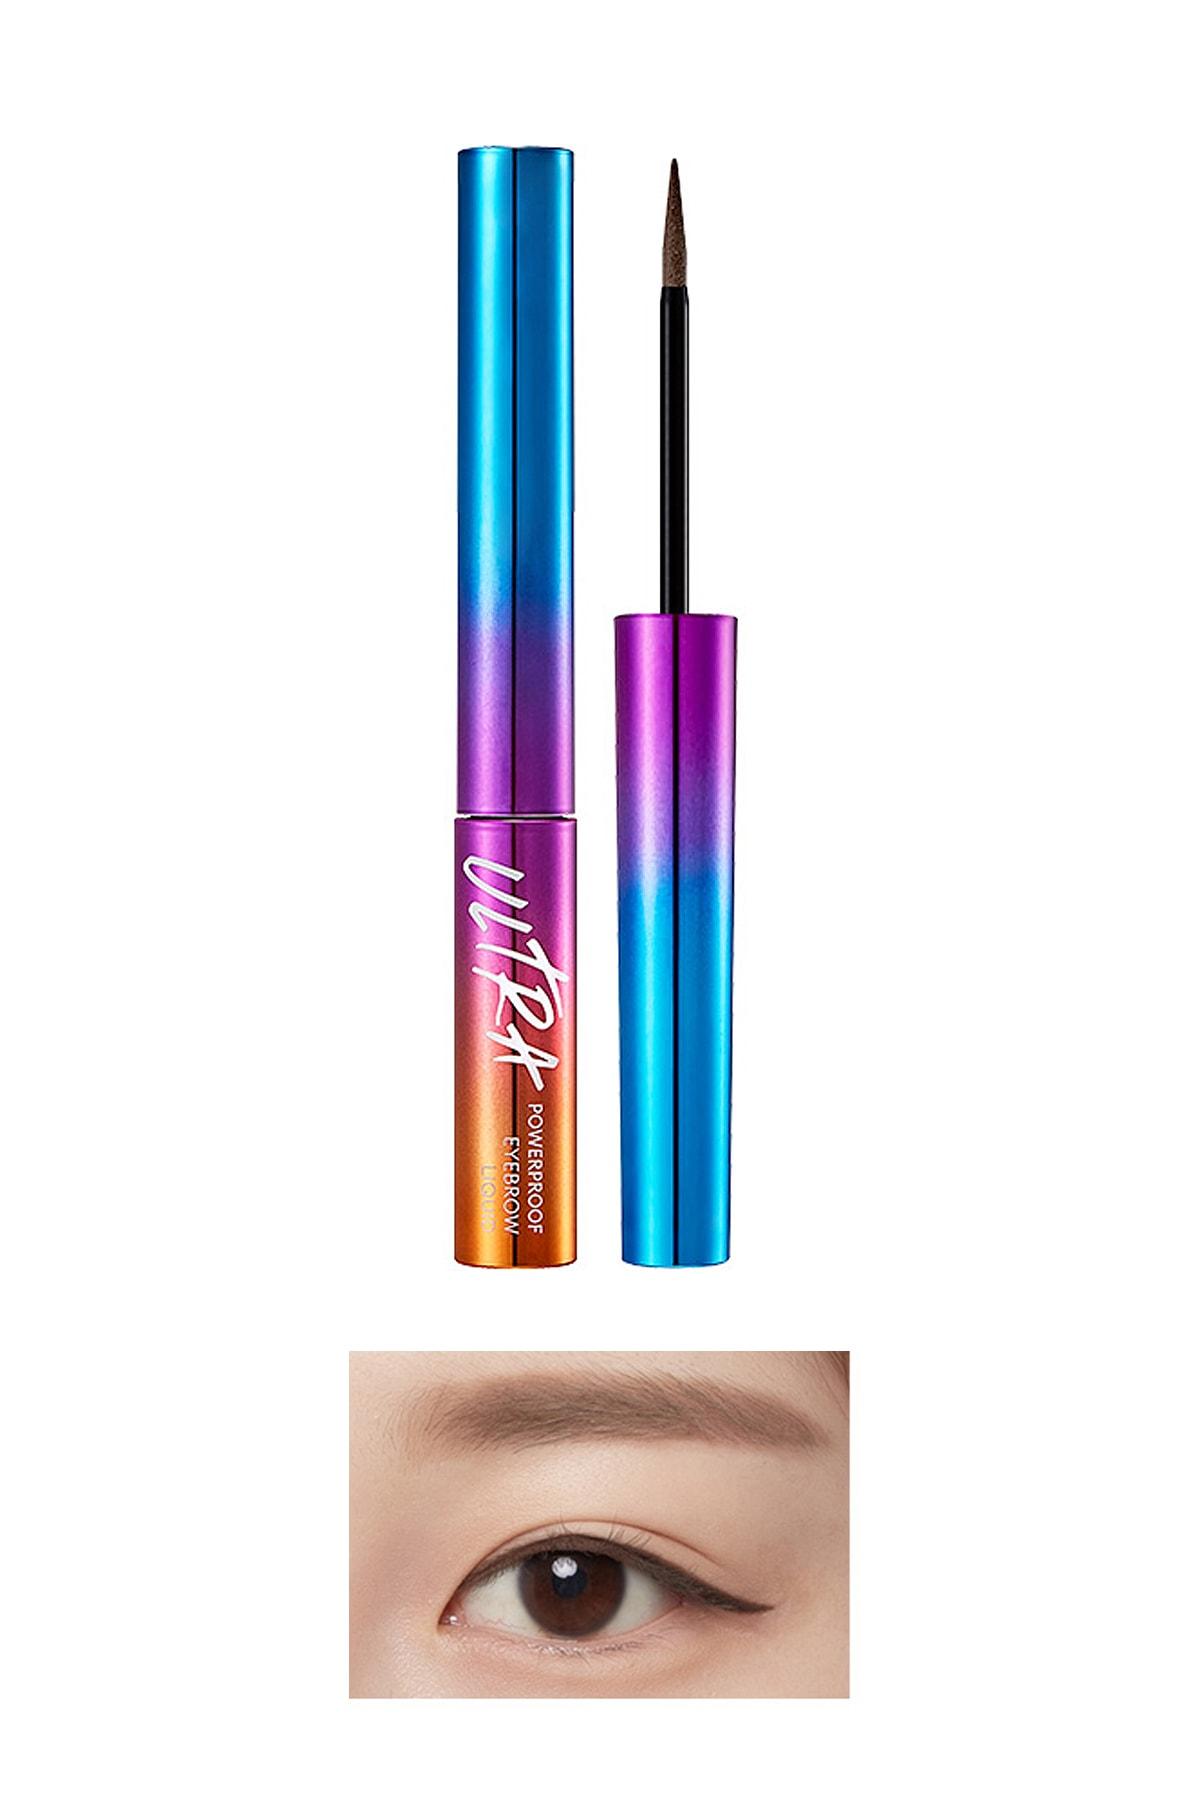 Missha Kalıcı Likit Kaş Şekillendirici - Ultra Powerproof Eyebrow Liquid Gray Brown 8809643506243 0